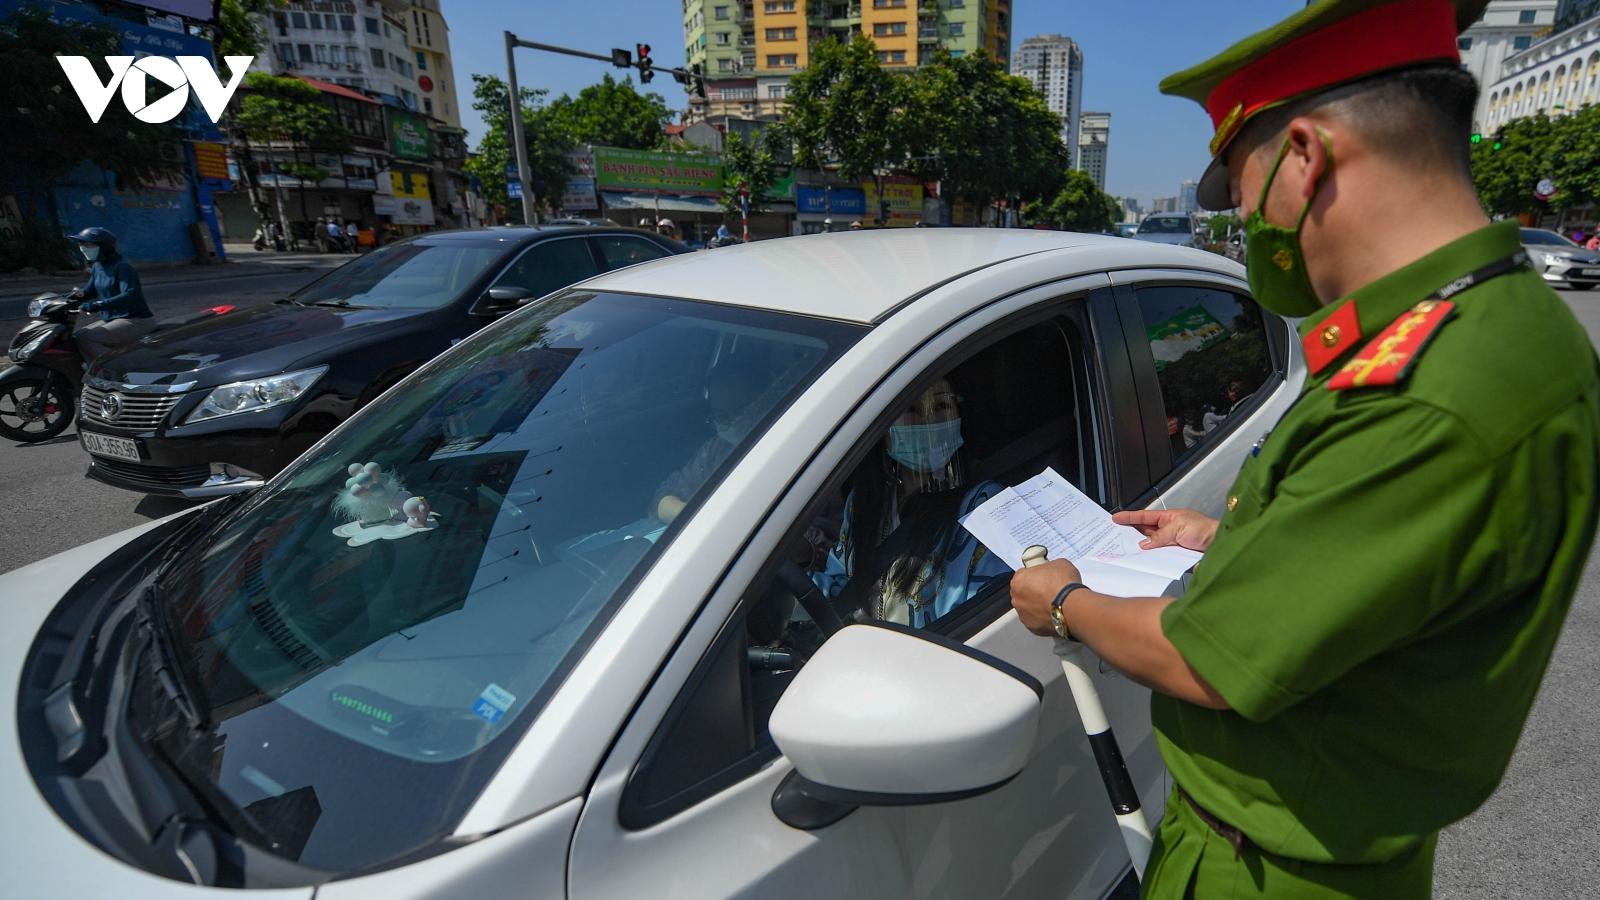 Hà Nội lập chốt trên nhiều tuyến đường kiểm soát người ra đường không lý do